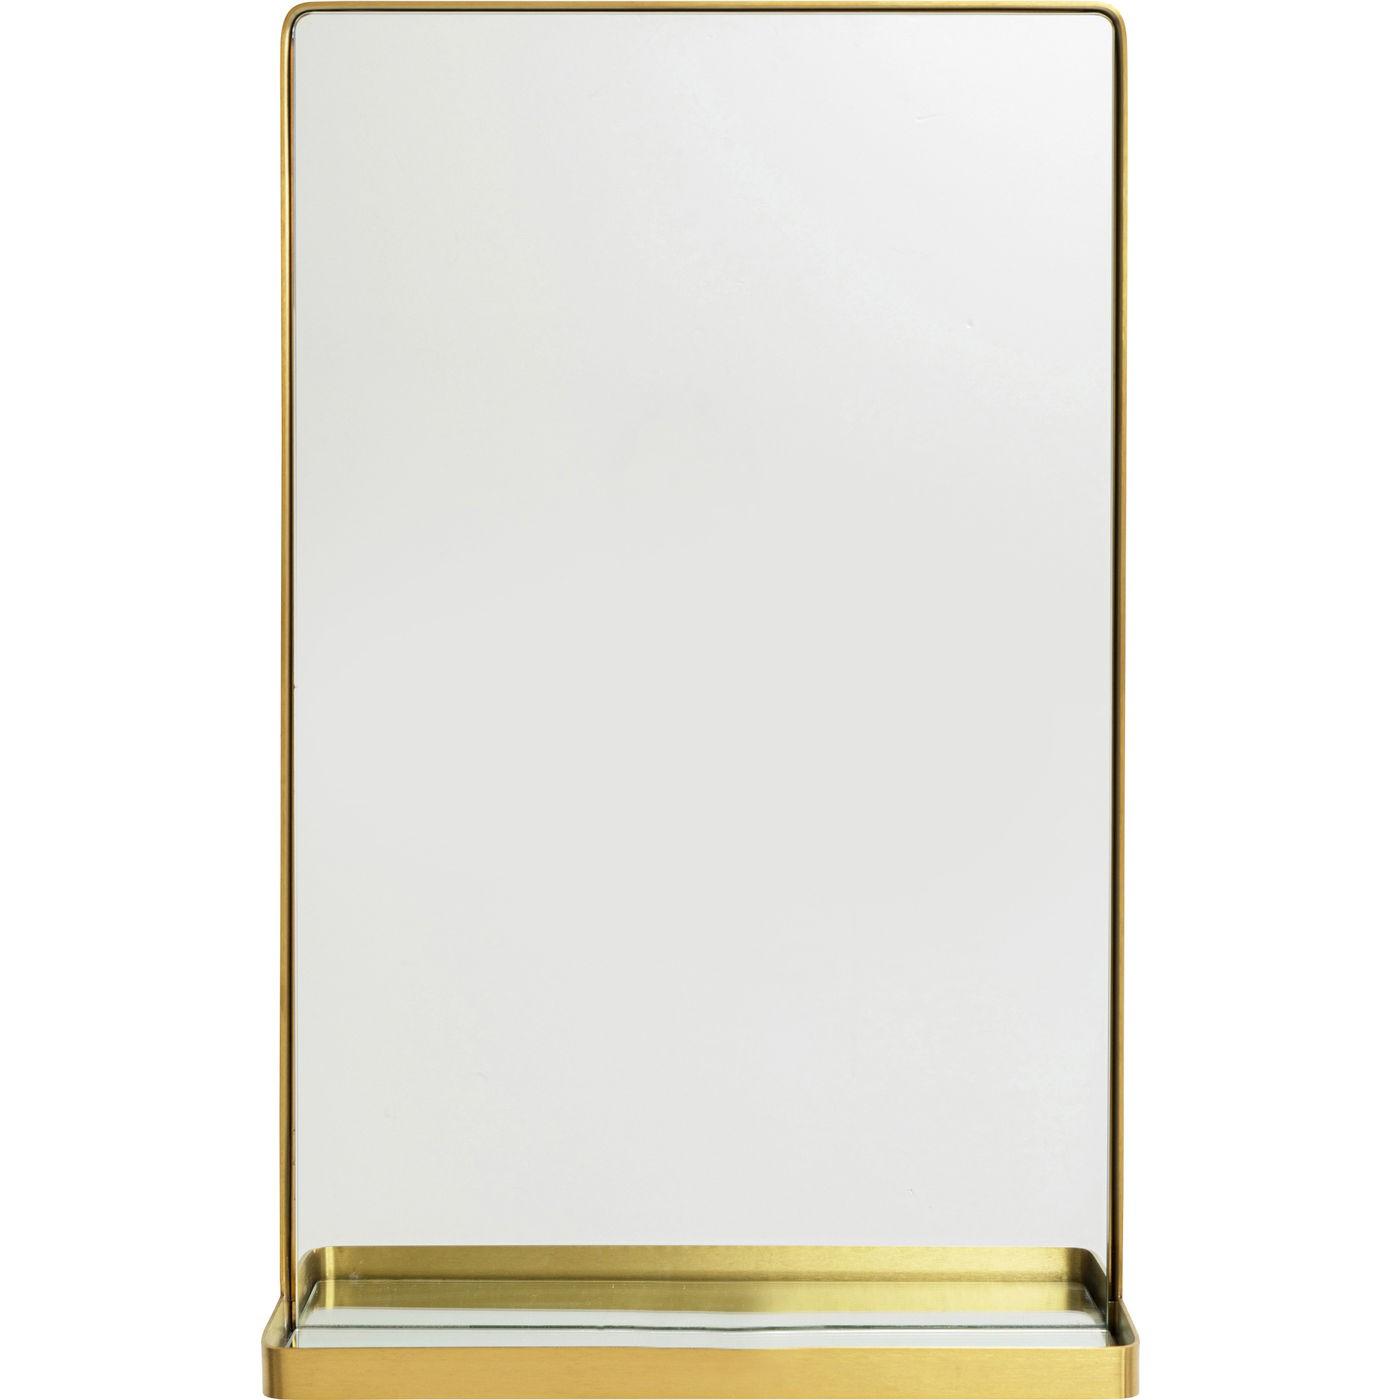 Miroir avec tablette bords arrondis en métal doré 80x50